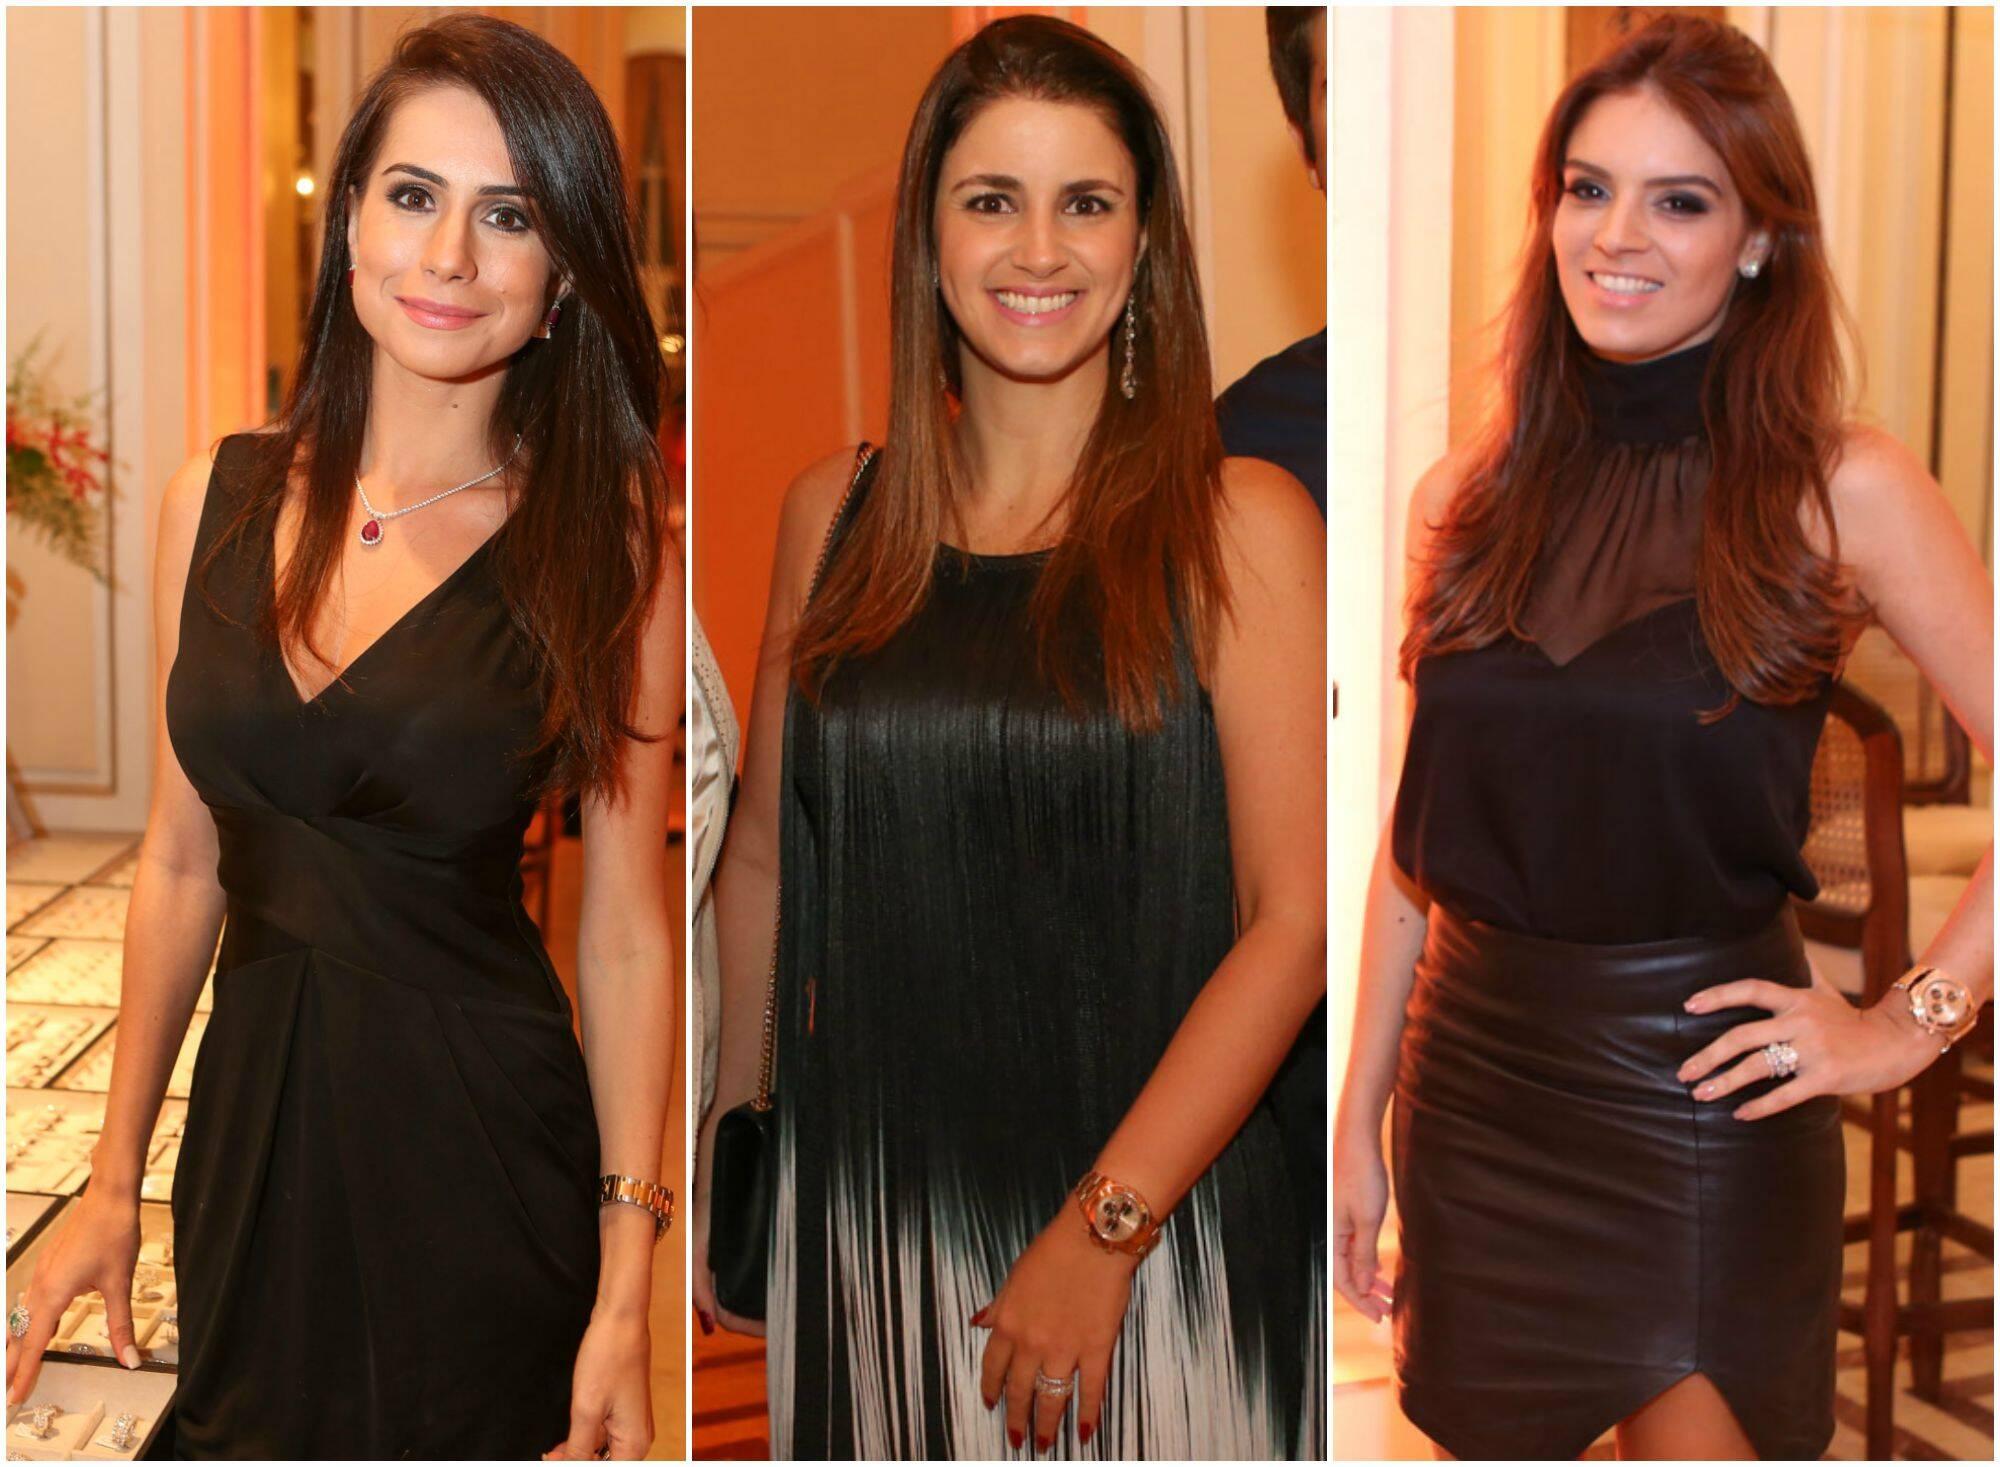 As convidadas Natalia Schneider, Renata Picciani e Renata Suassuna, com relógios de ouro / Fotos: Gianne Carvalho